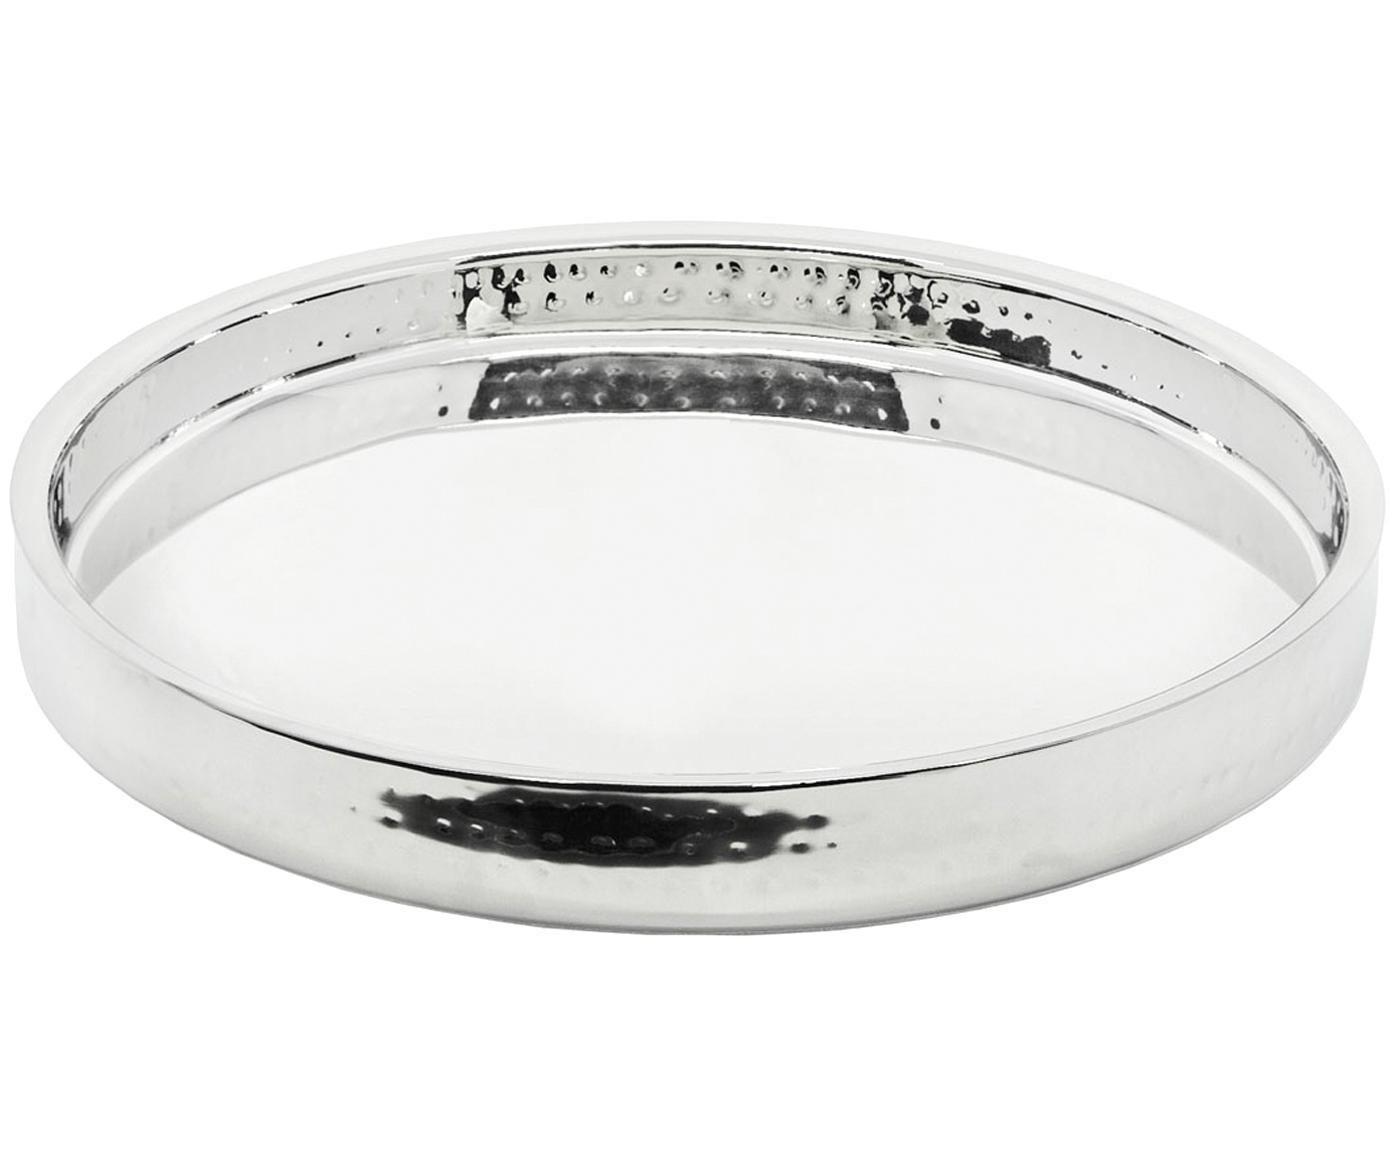 Rundes Spiegeltablett Alaska in Silber, Edelstahl, gehämmert Pflegehinweise  Von Hand spülen, Edelstahl, Ø 32 cm